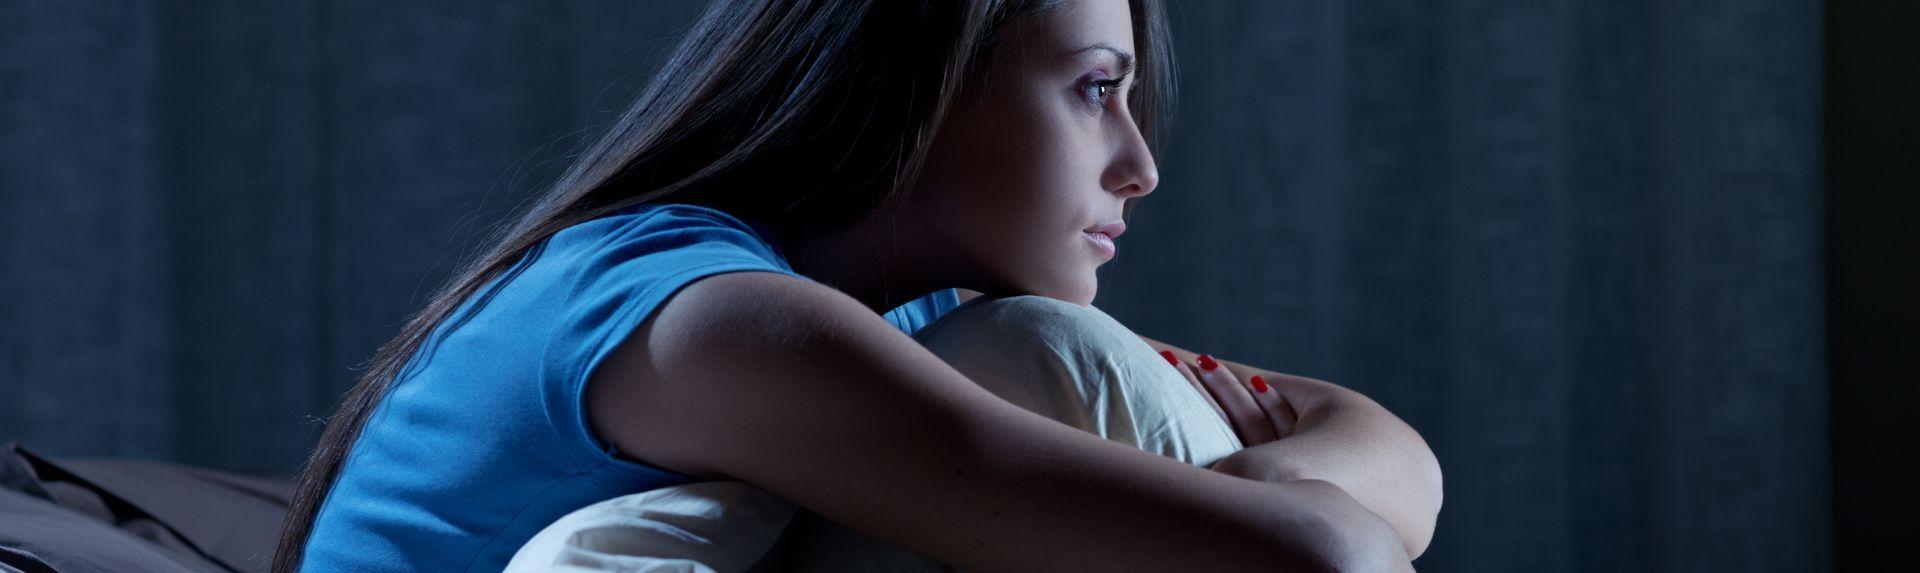 Бессонница при менопаузе: почему начинаются проблемы со сном и можно ли их победить?